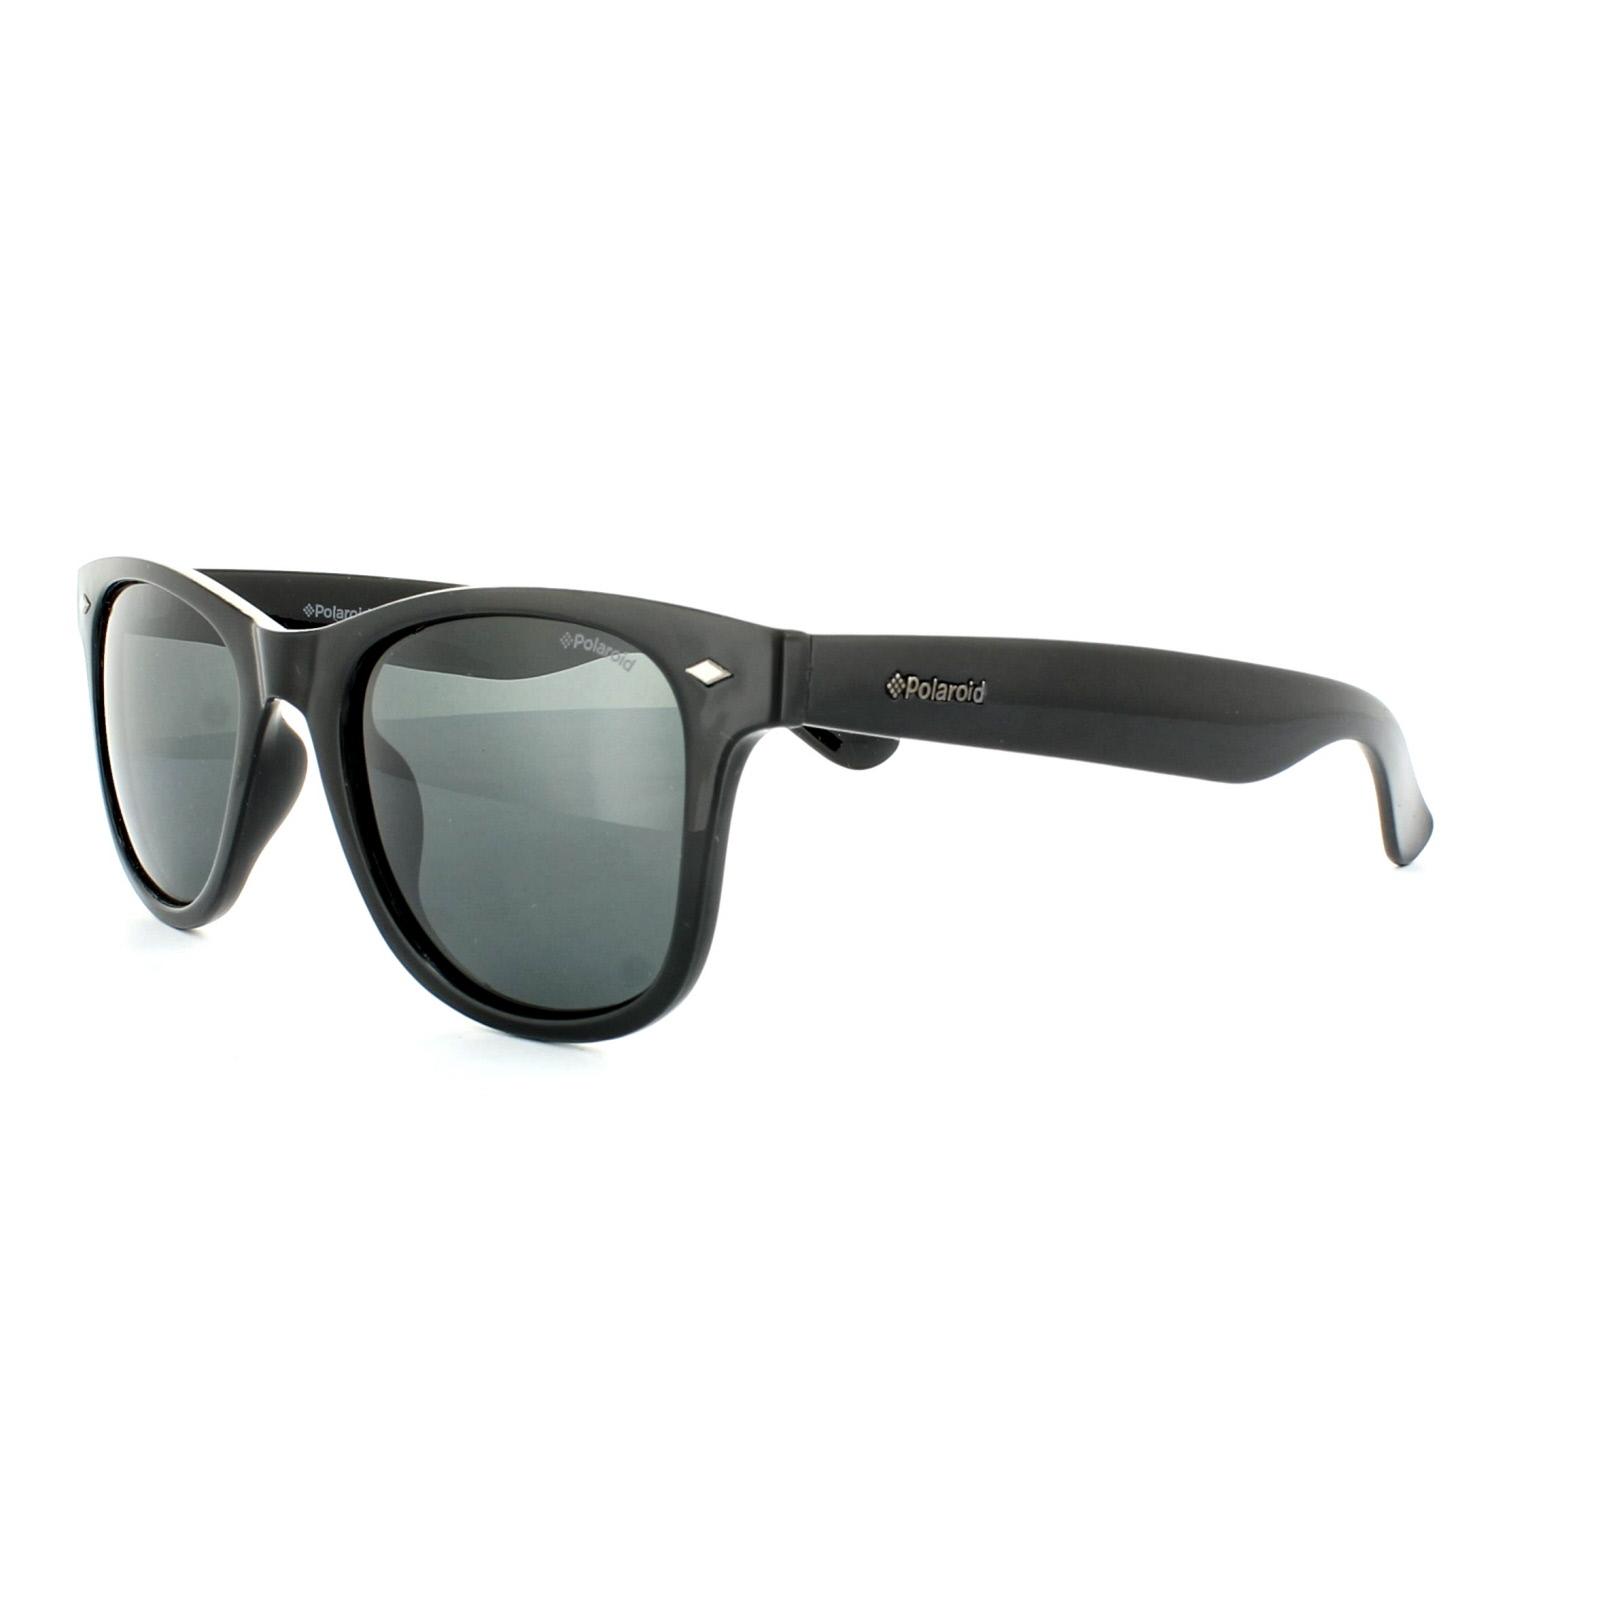 Polaroid Sonnenbrille » PLD 1018/S«, schwarz, D28/Y2 - schwarz/grau